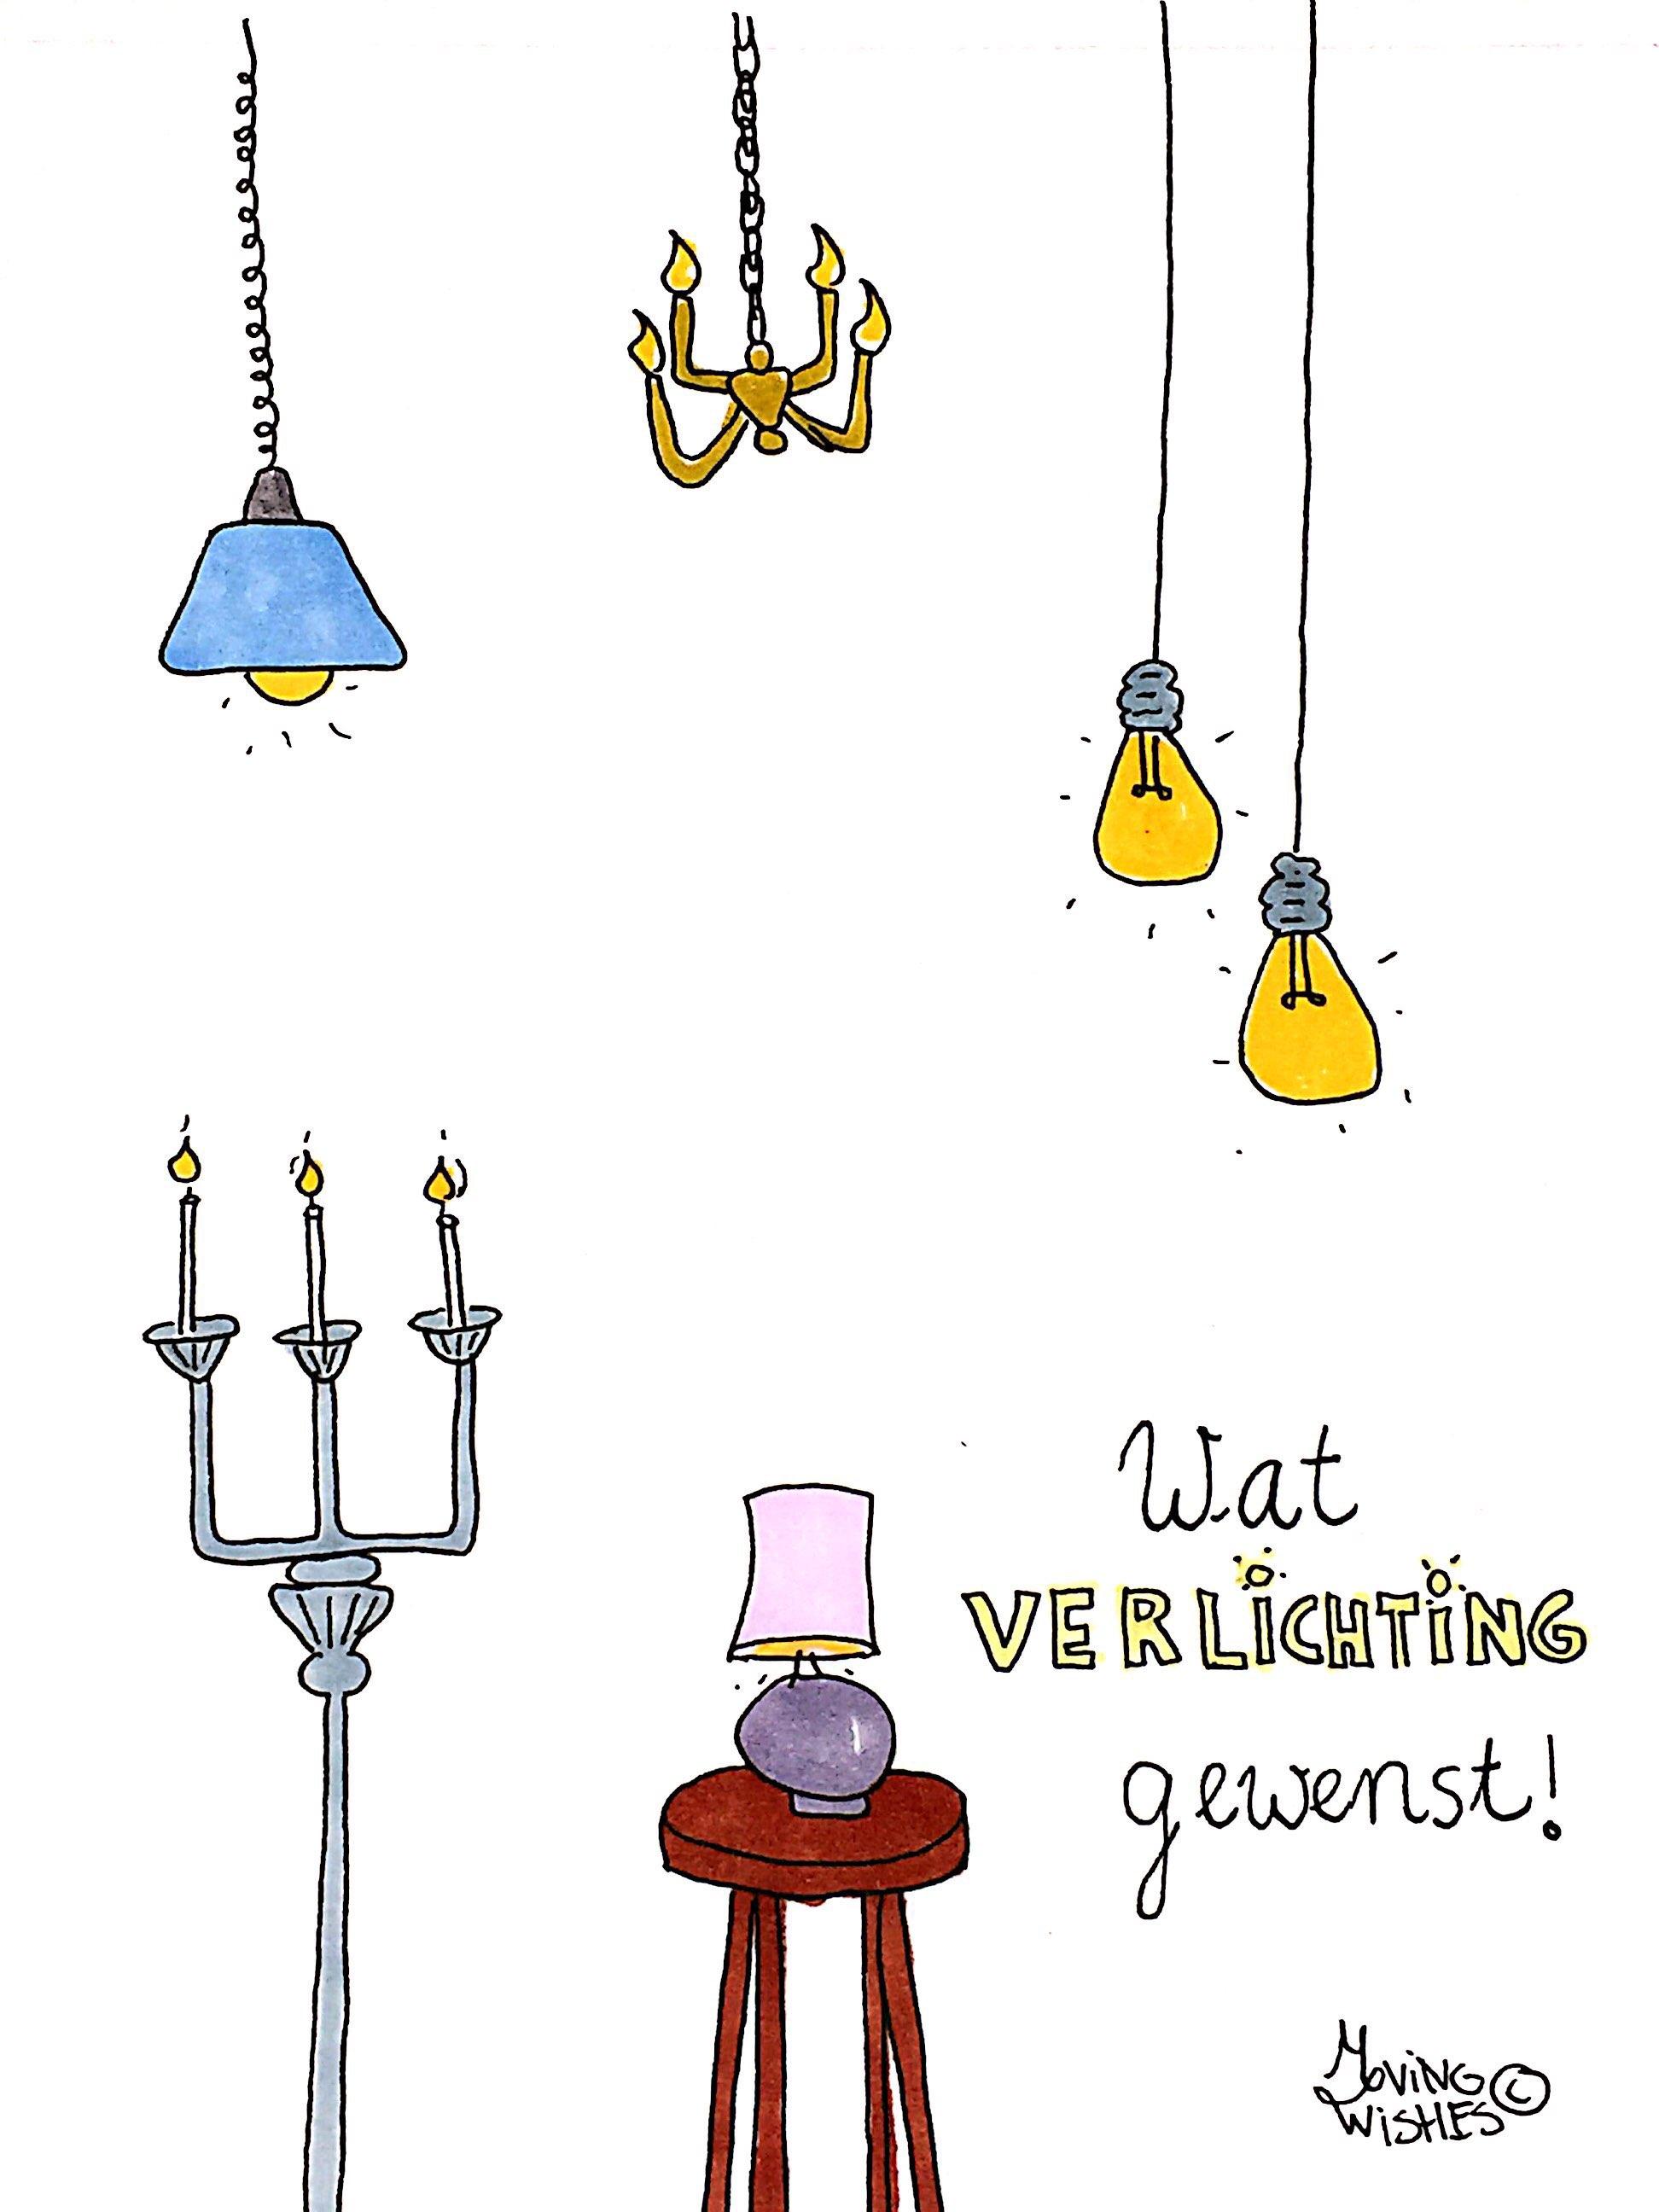 Wenskaart met verlichting.